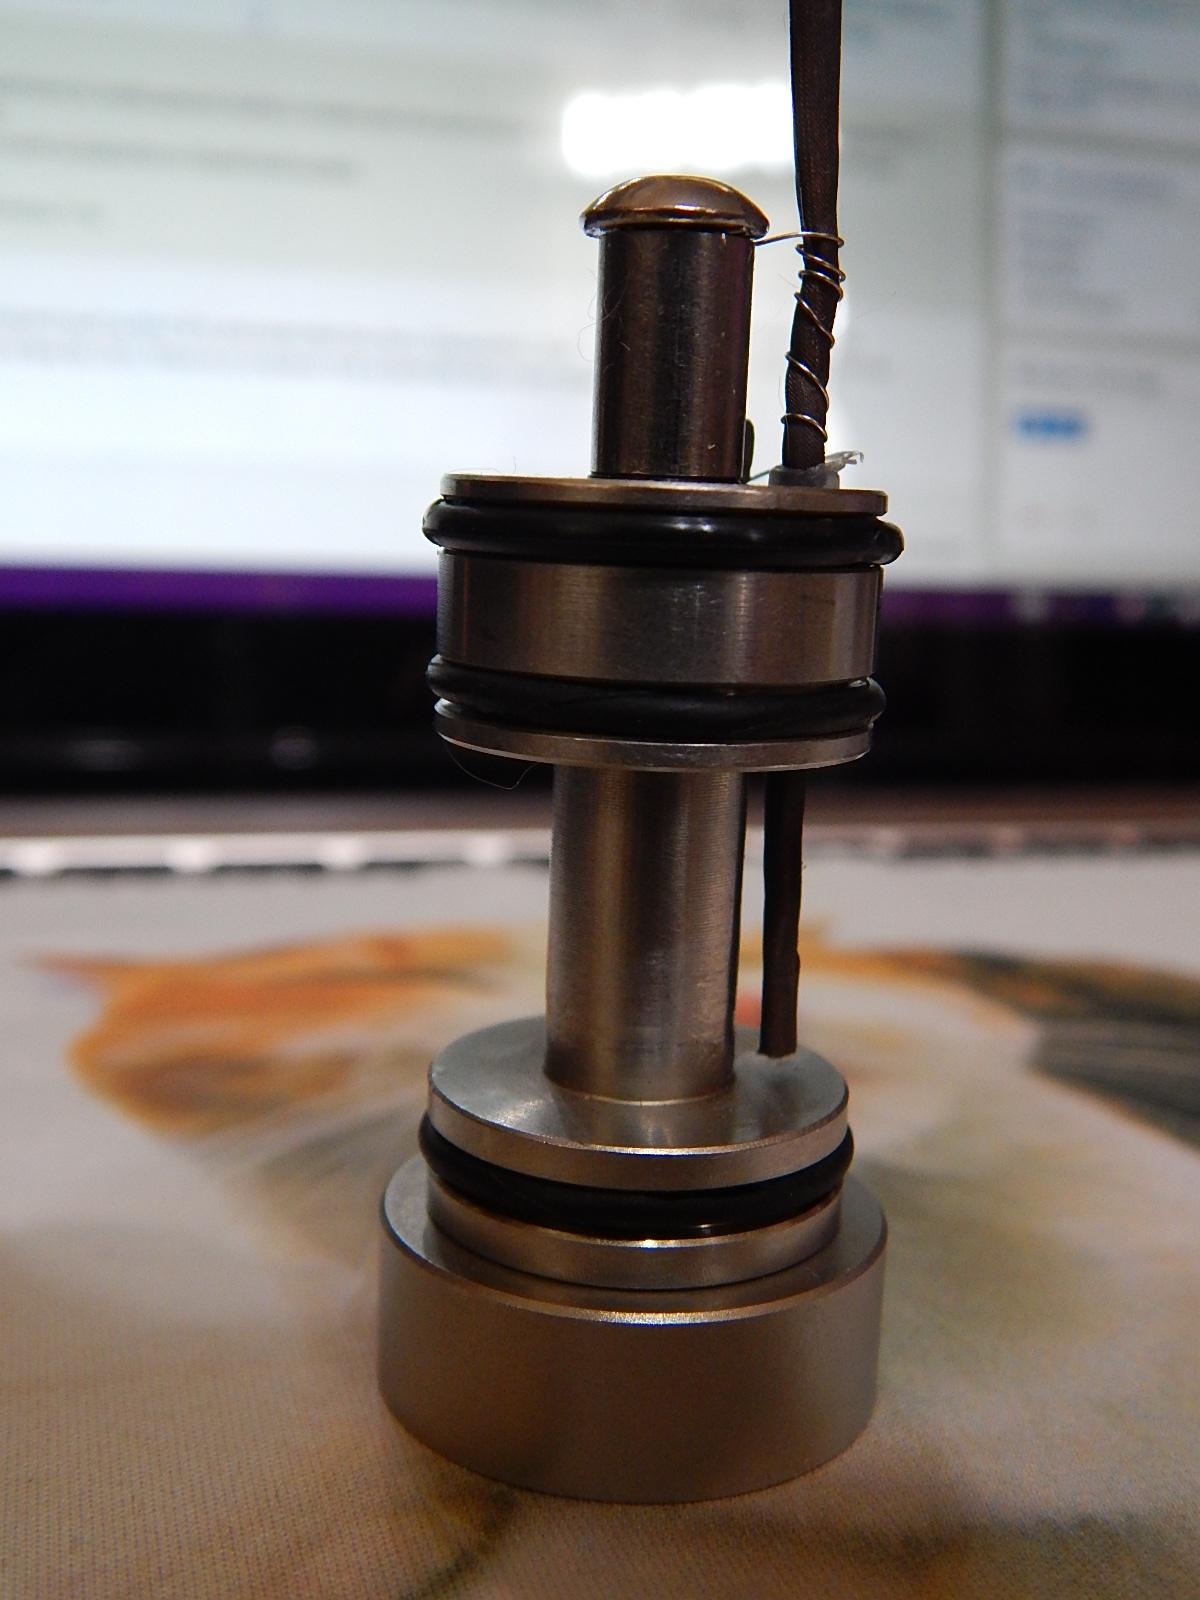 DSCN0980.JPG